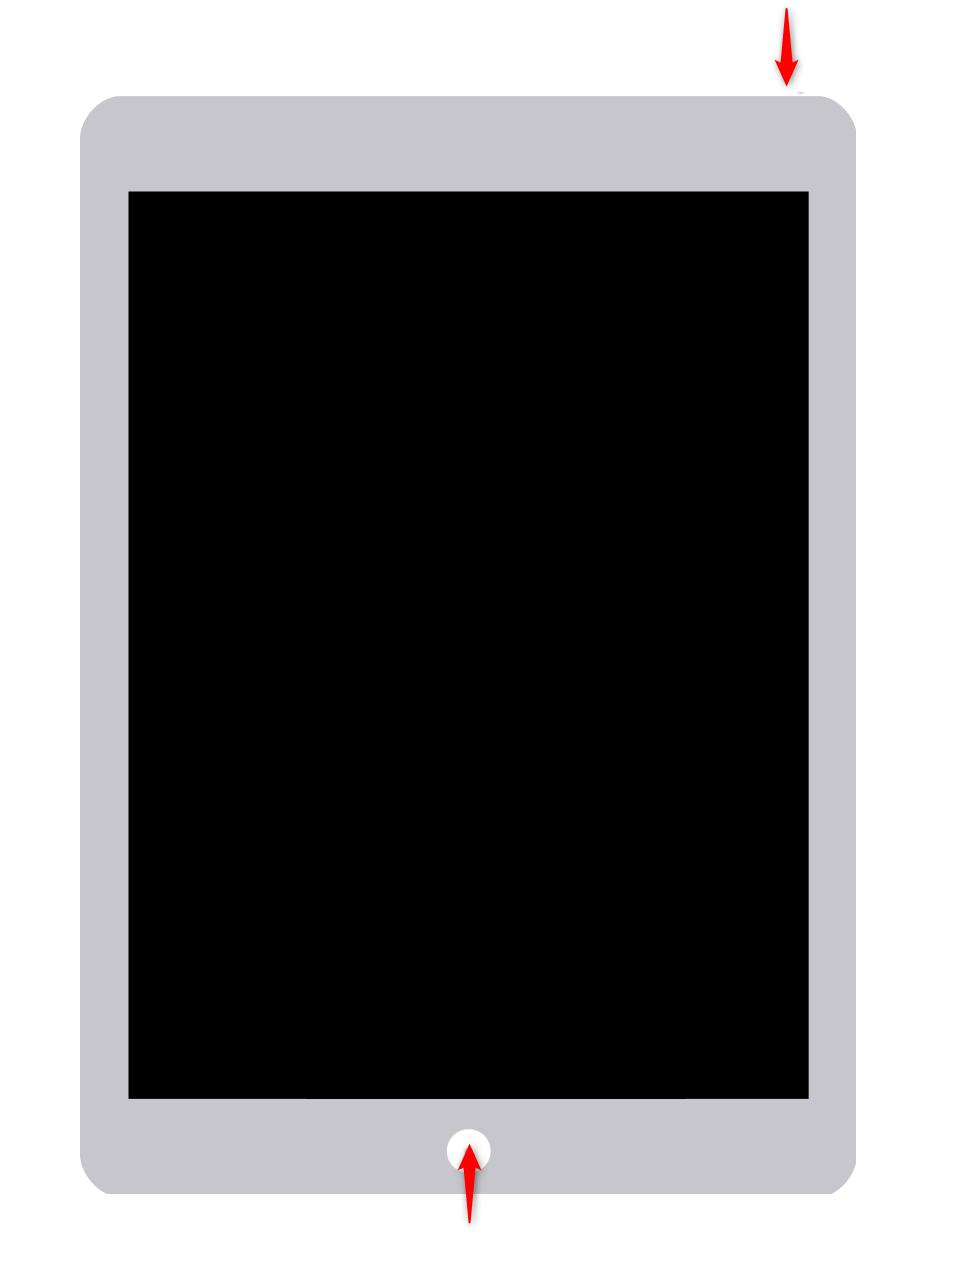 Redémarrage de l'iPad